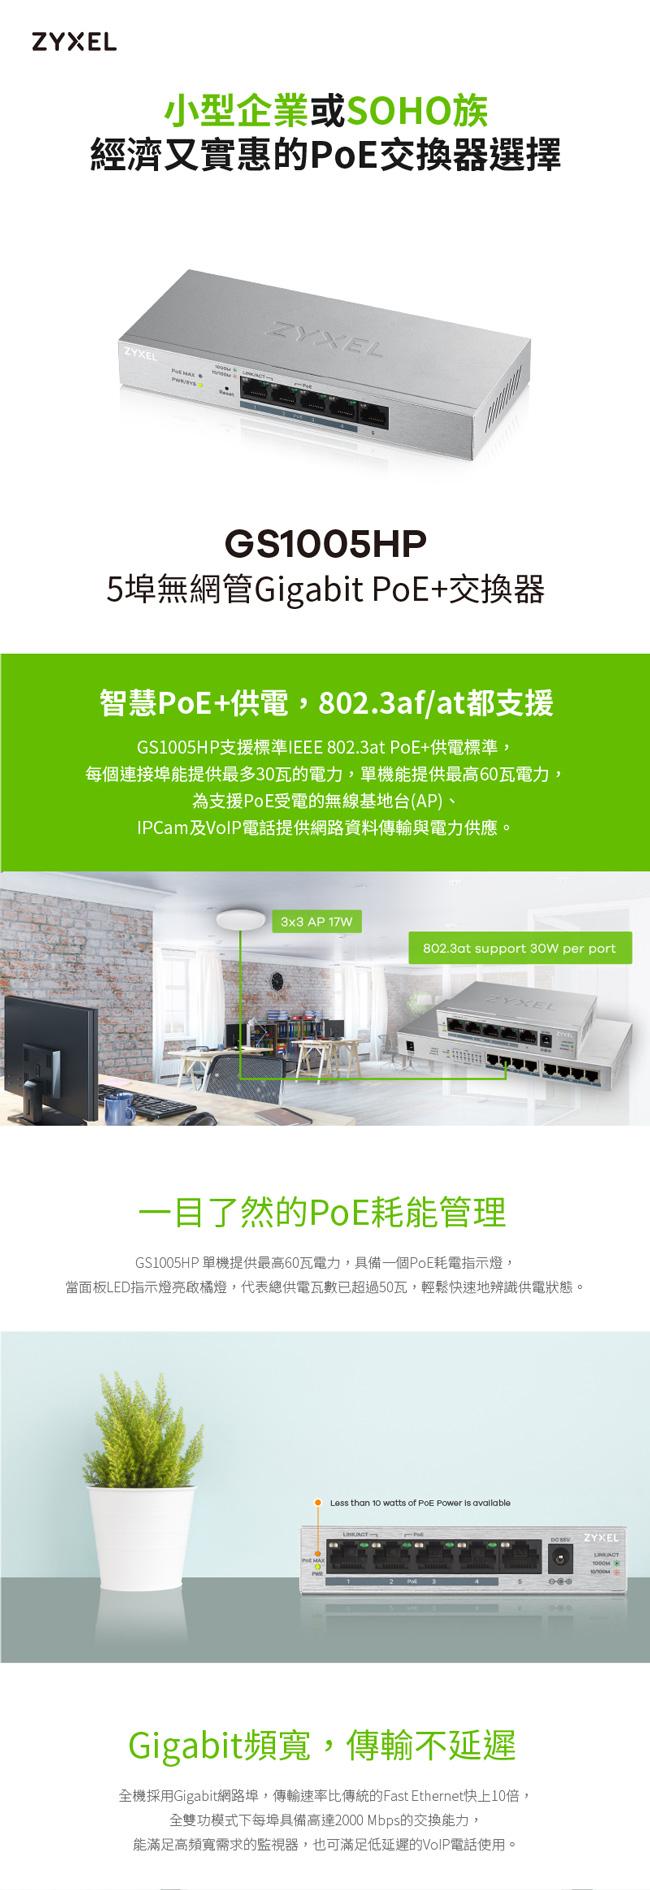 合勤 Zyxel 交換器 5埠 Giga 桌上型高速 PoE 乙太網路交換器 無網管 無網路管理 鐵殼 Switch GS1005HP